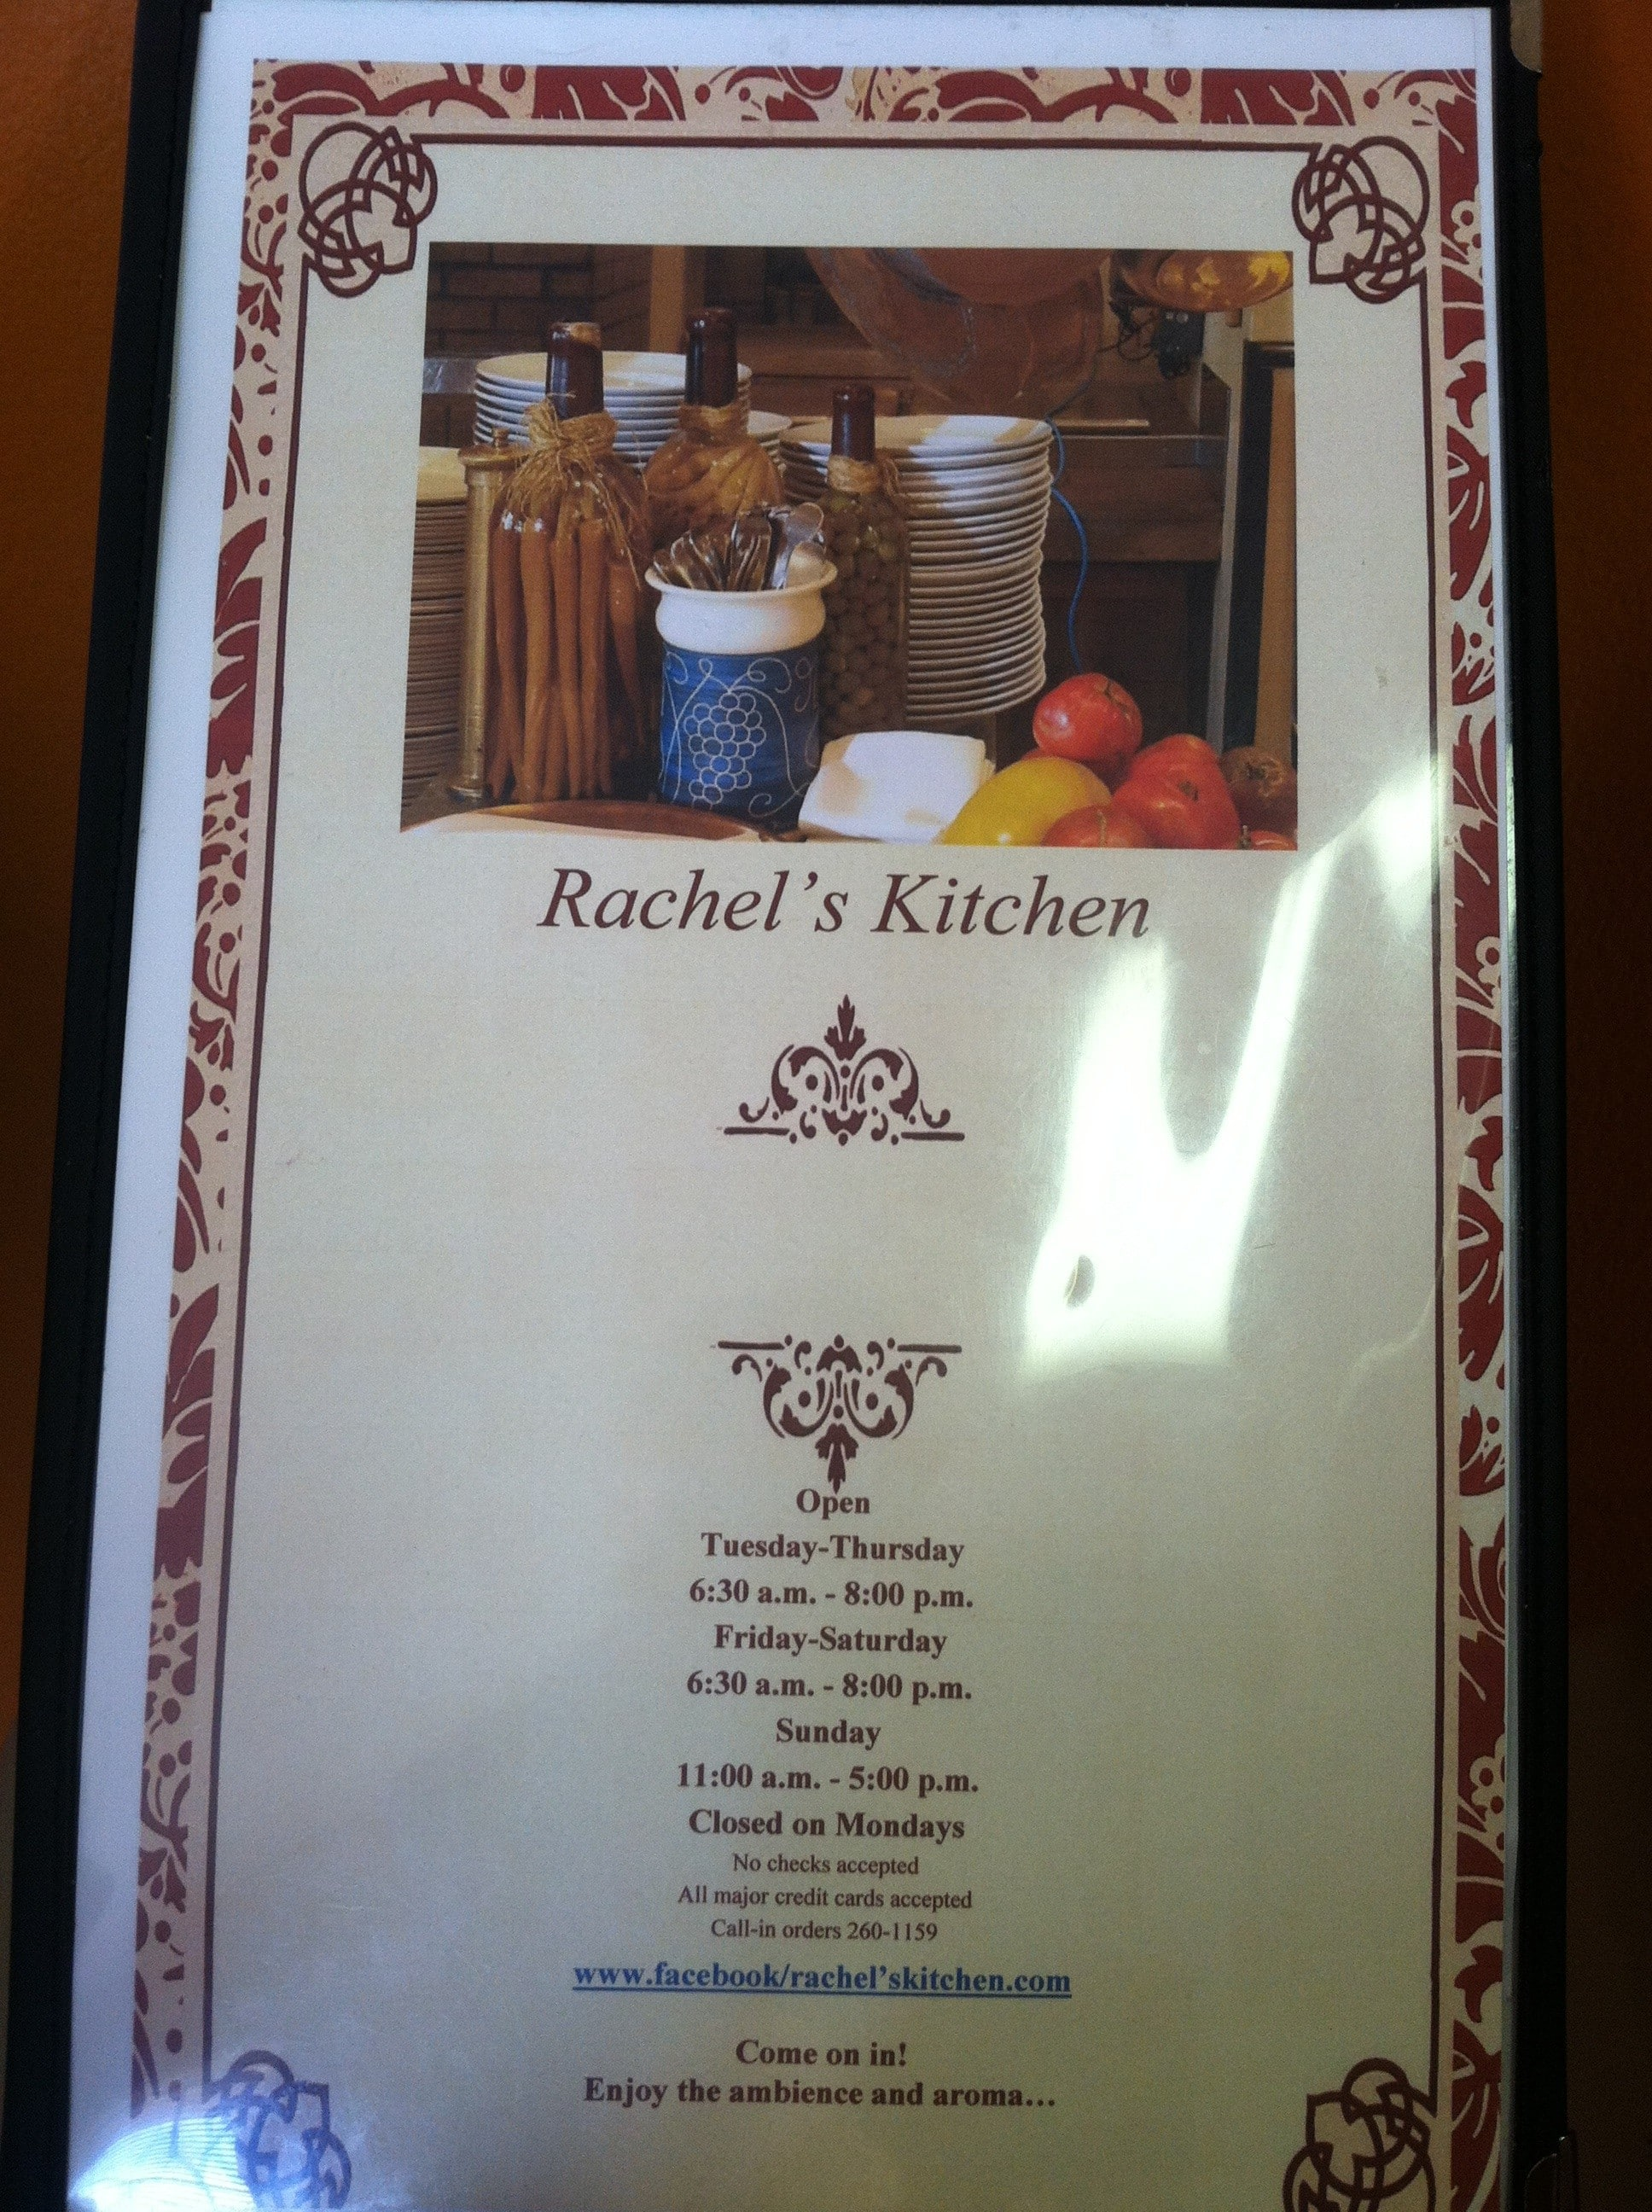 rachels kitchen wichita menu - Rachels Kitchen Menu